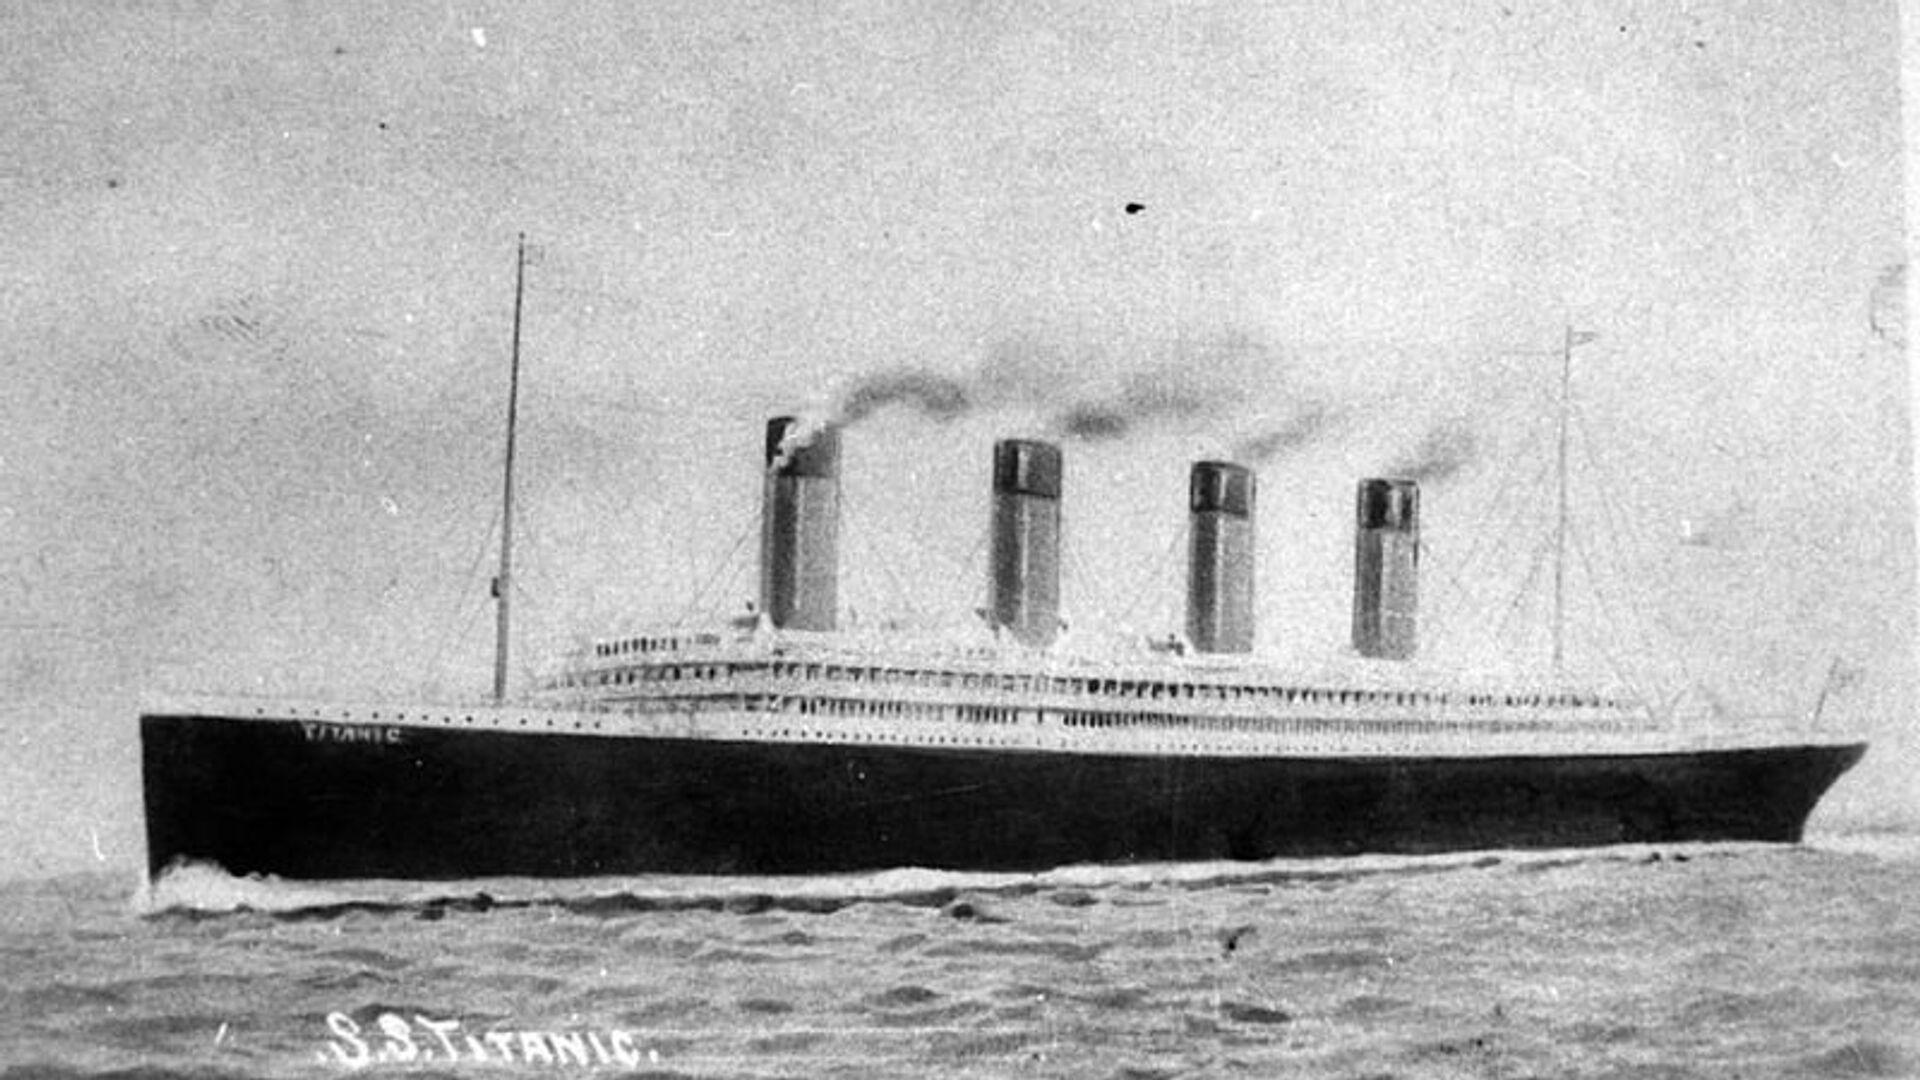 Титаник в искусстве - РИА Новости, 1920, 01.02.2020